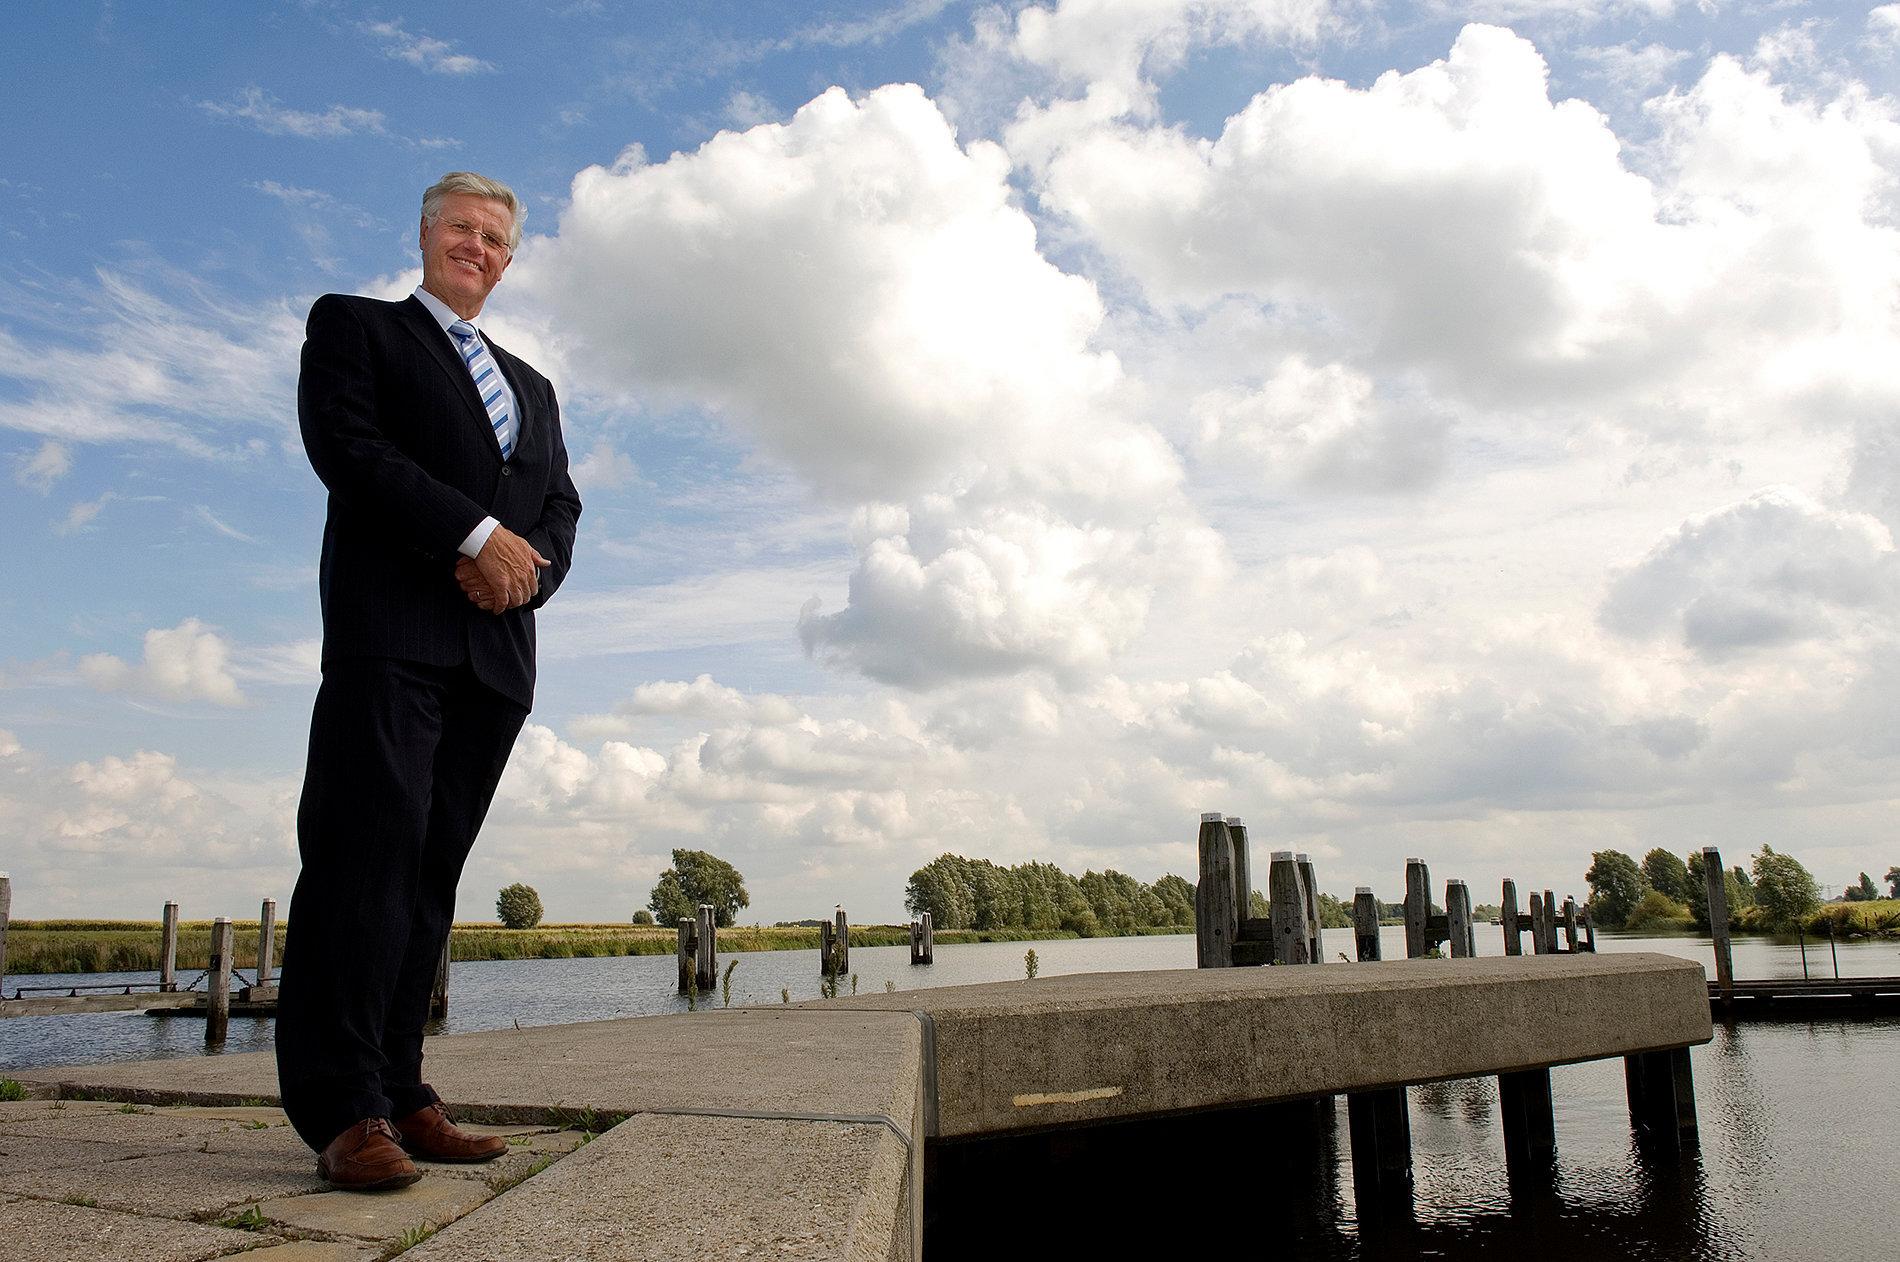 Joseph Vos Burgemeester Gemeente Steenbergen